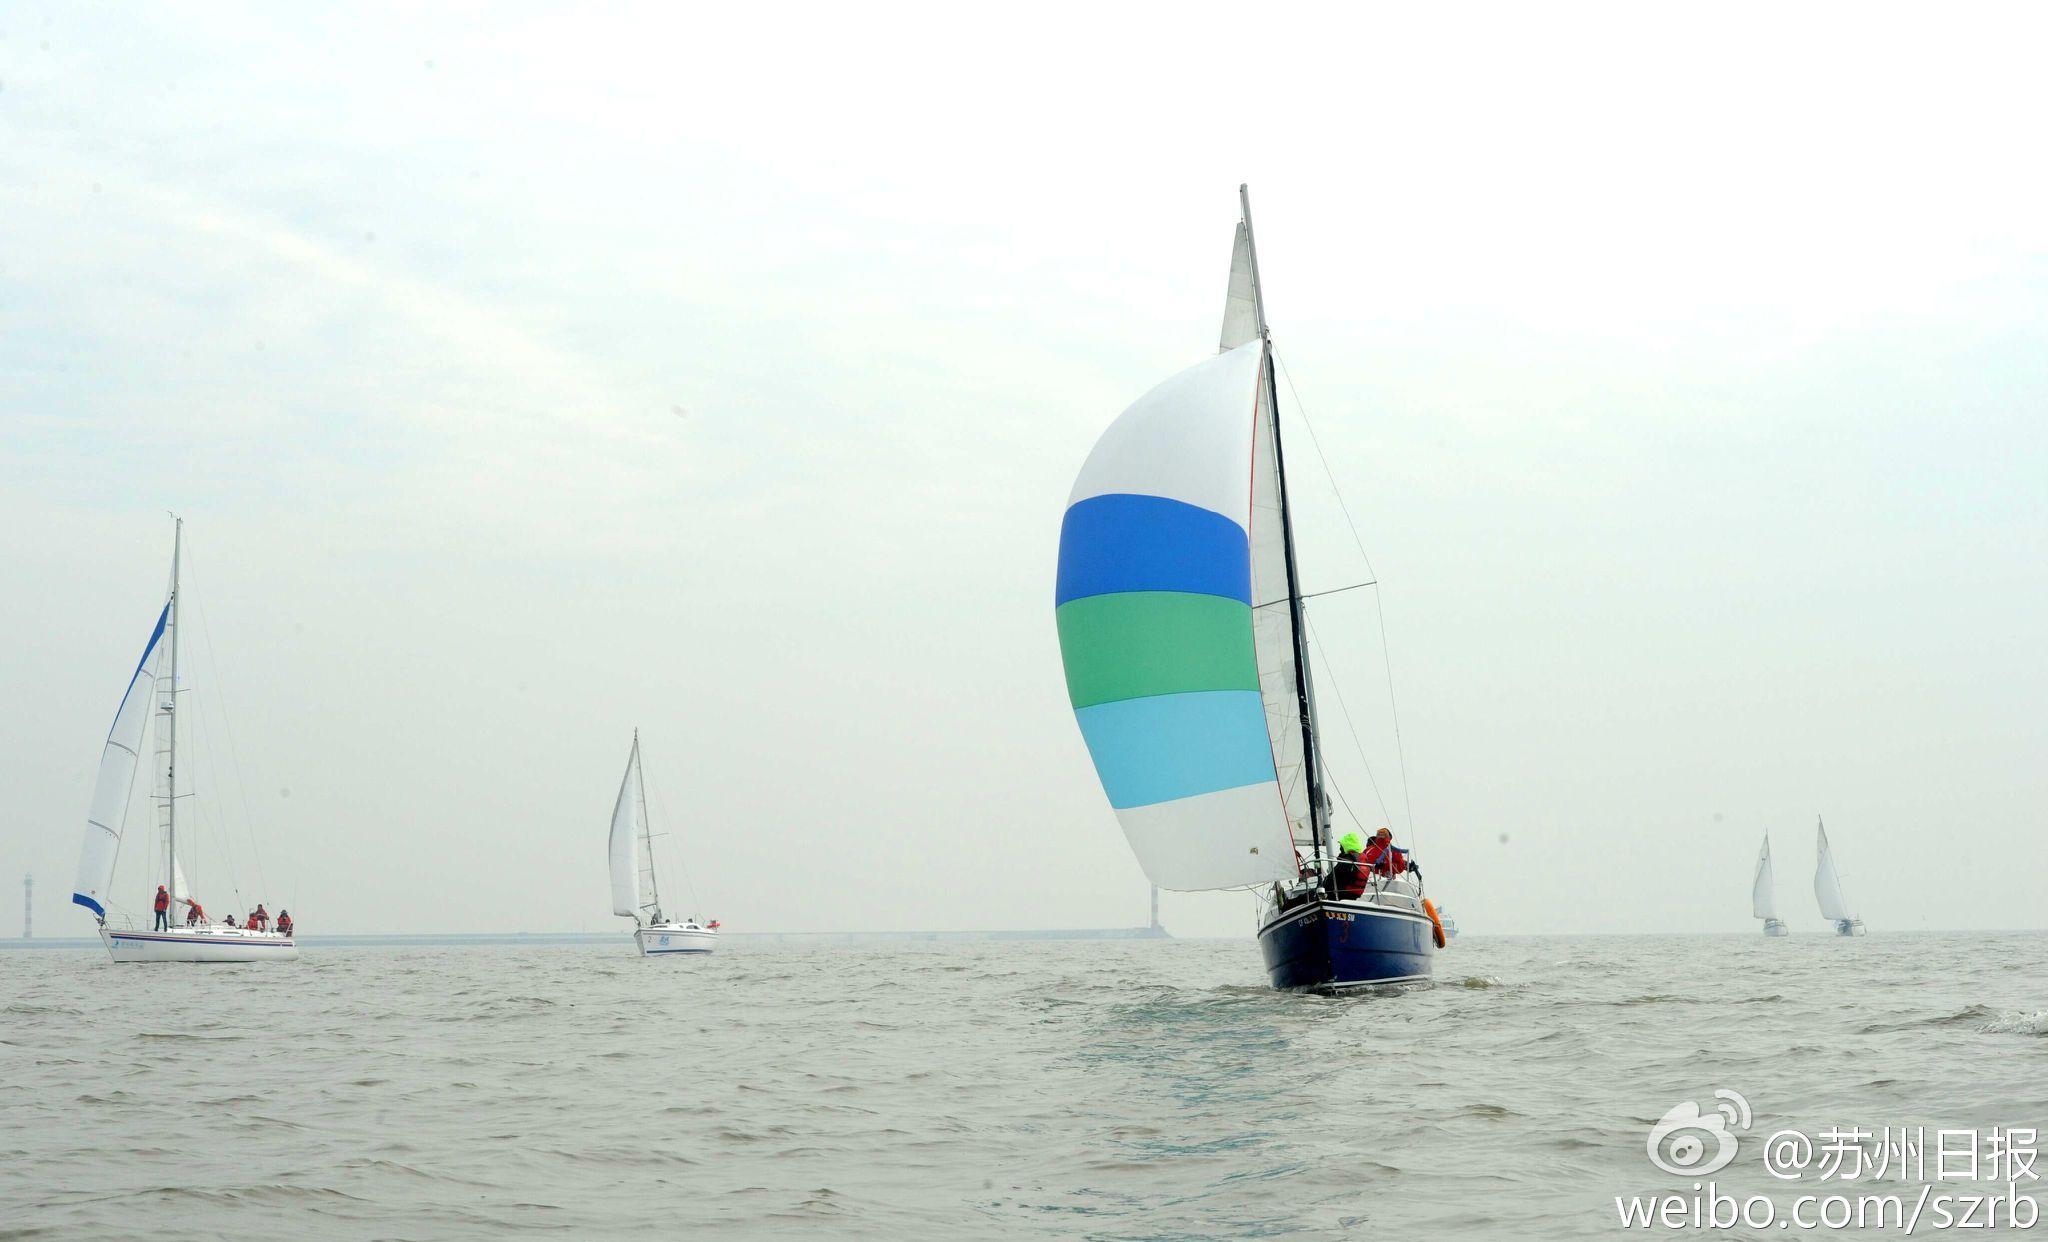 浙江湖州,江苏省,有限公司,帆船运动,卡特琳娜 太湖水域首个帆船比赛环太湖帆船拉力赛扬帆 6.jpg